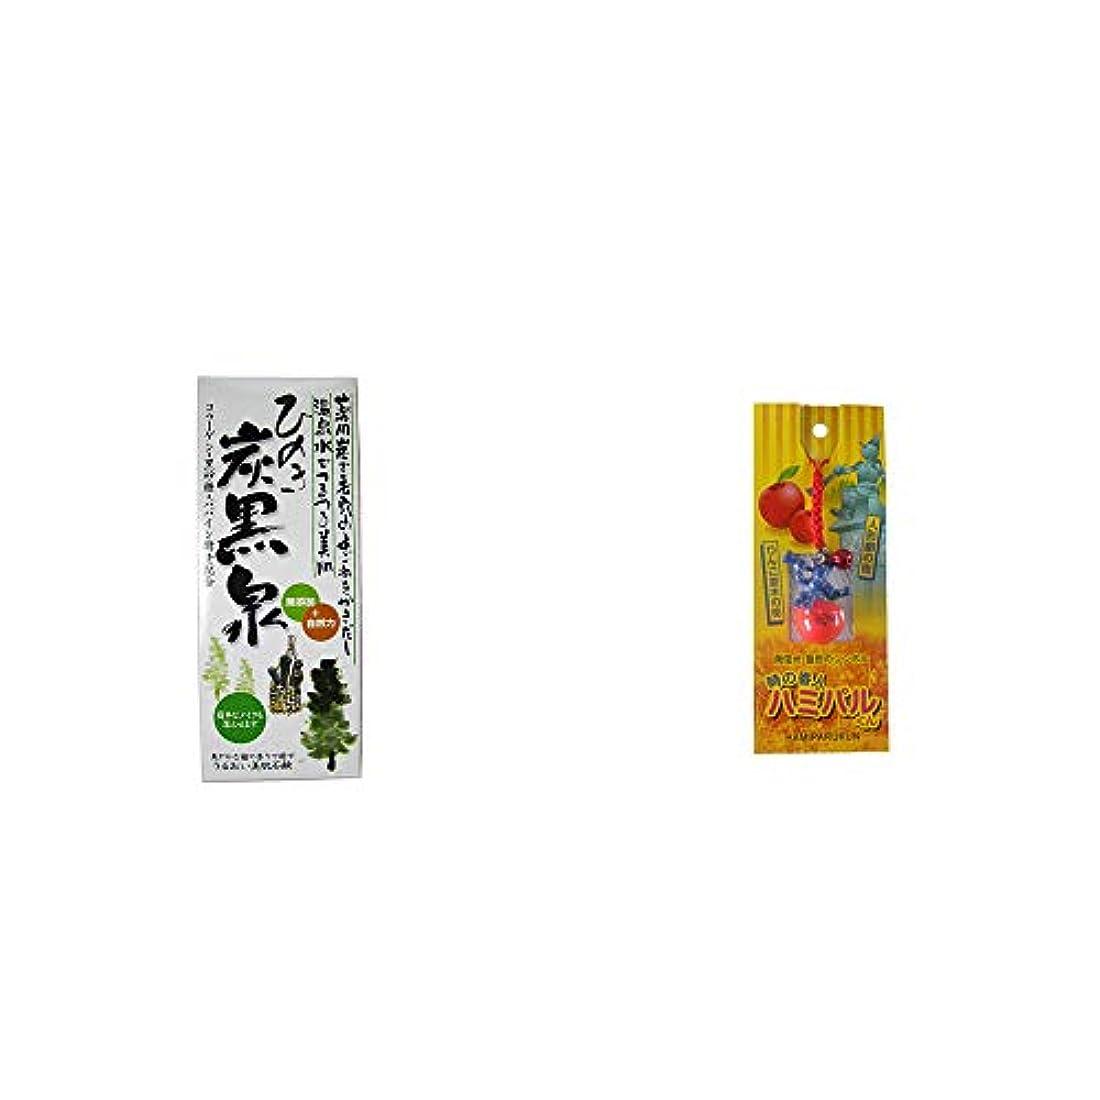 適合する投獄別の[2点セット] ひのき炭黒泉 箱入り(75g×3)?信州?飯田のシンボル 時の番人ハミパルくんストラップ